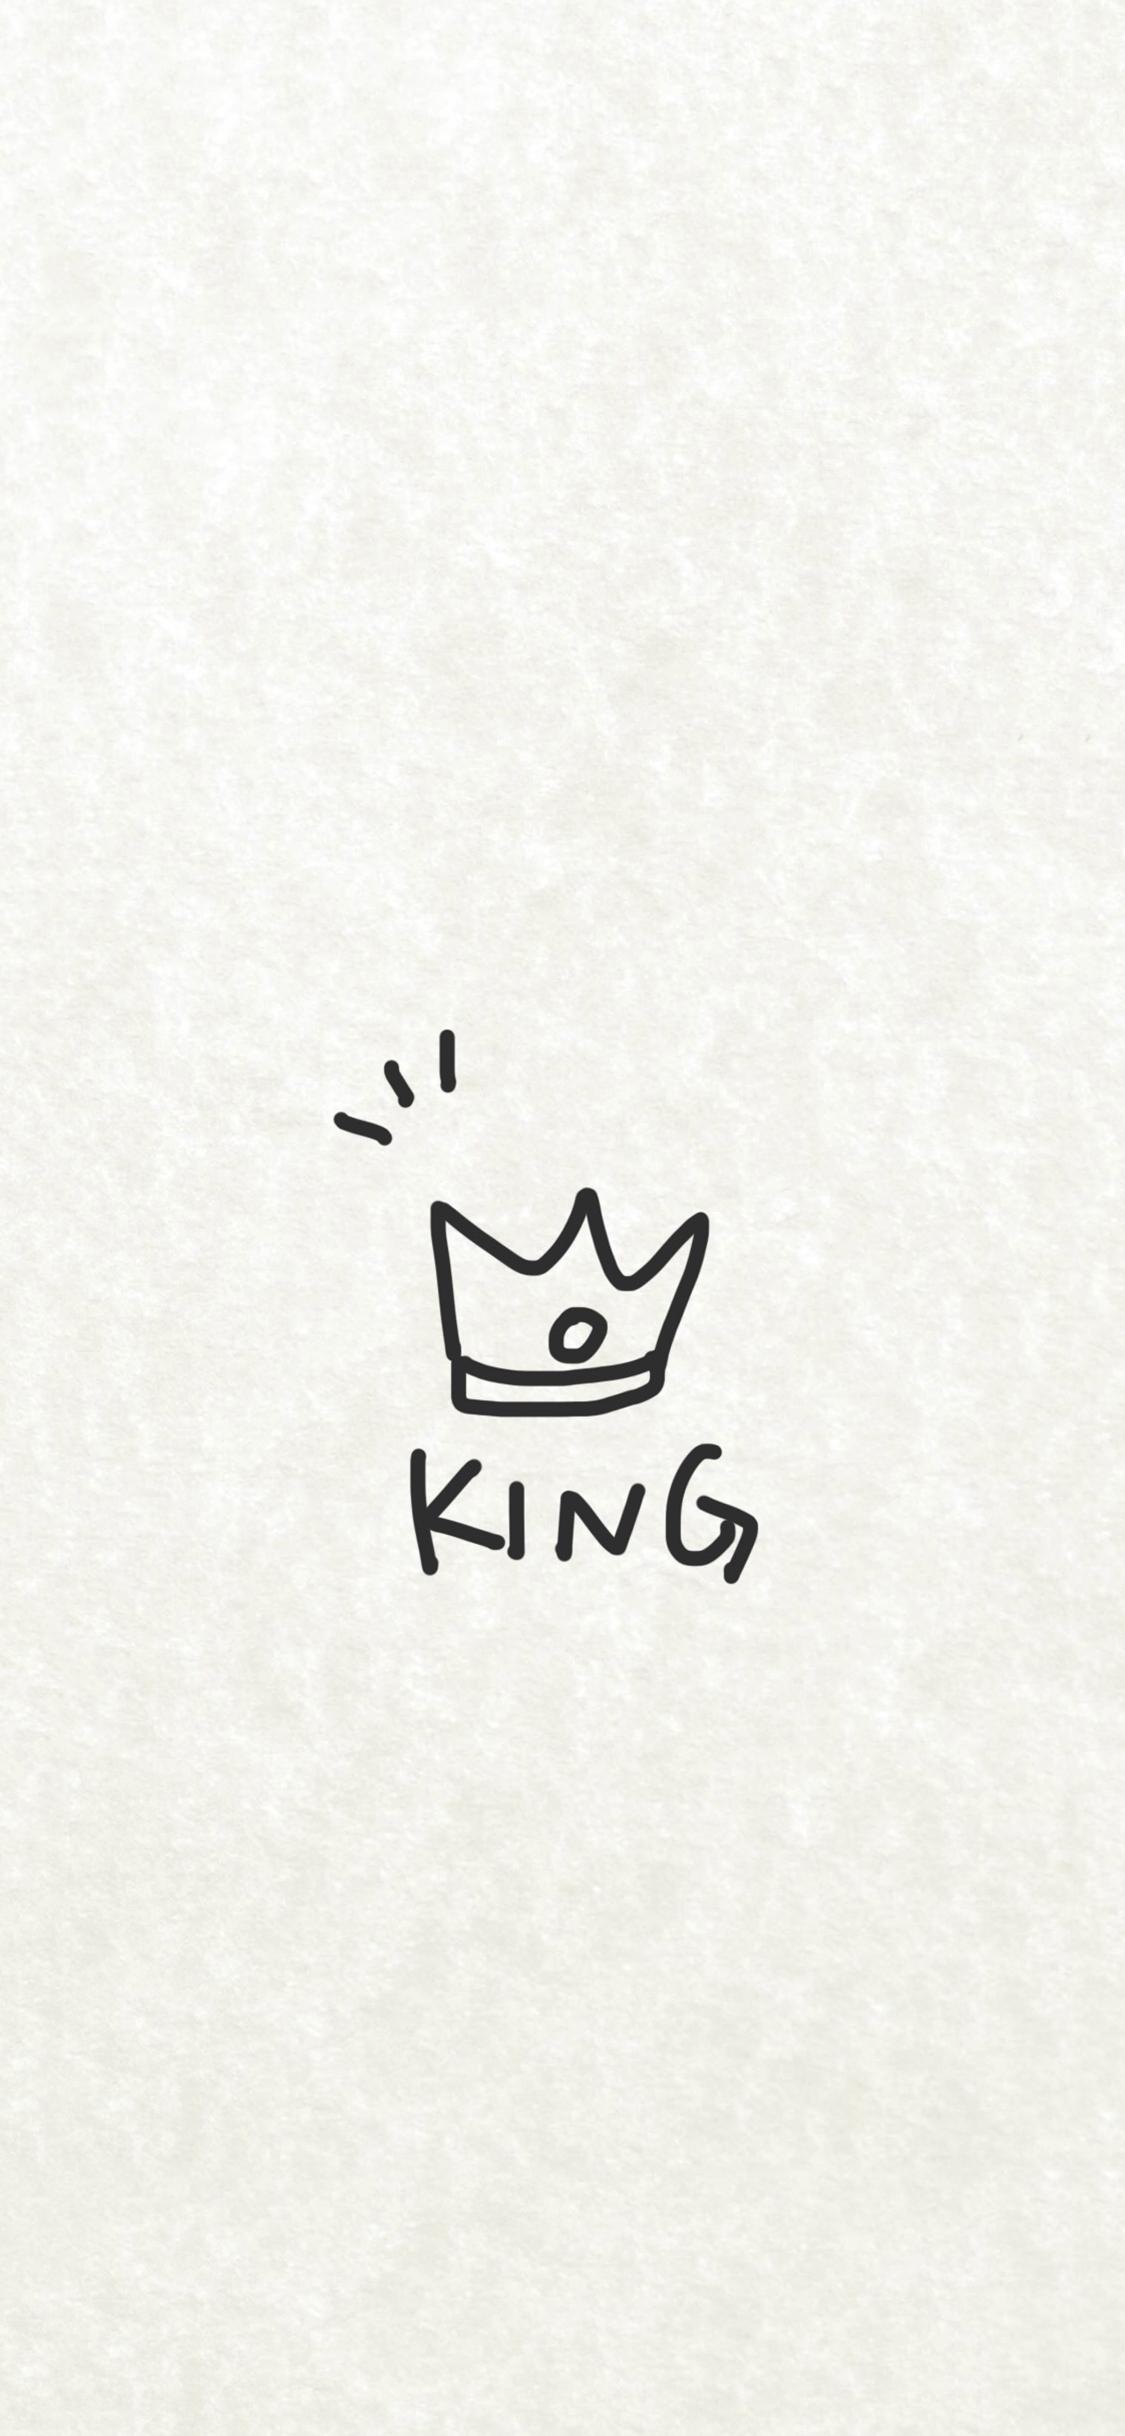 king 國王 情侶壁紙 簡筆畫 皇冠 黑白